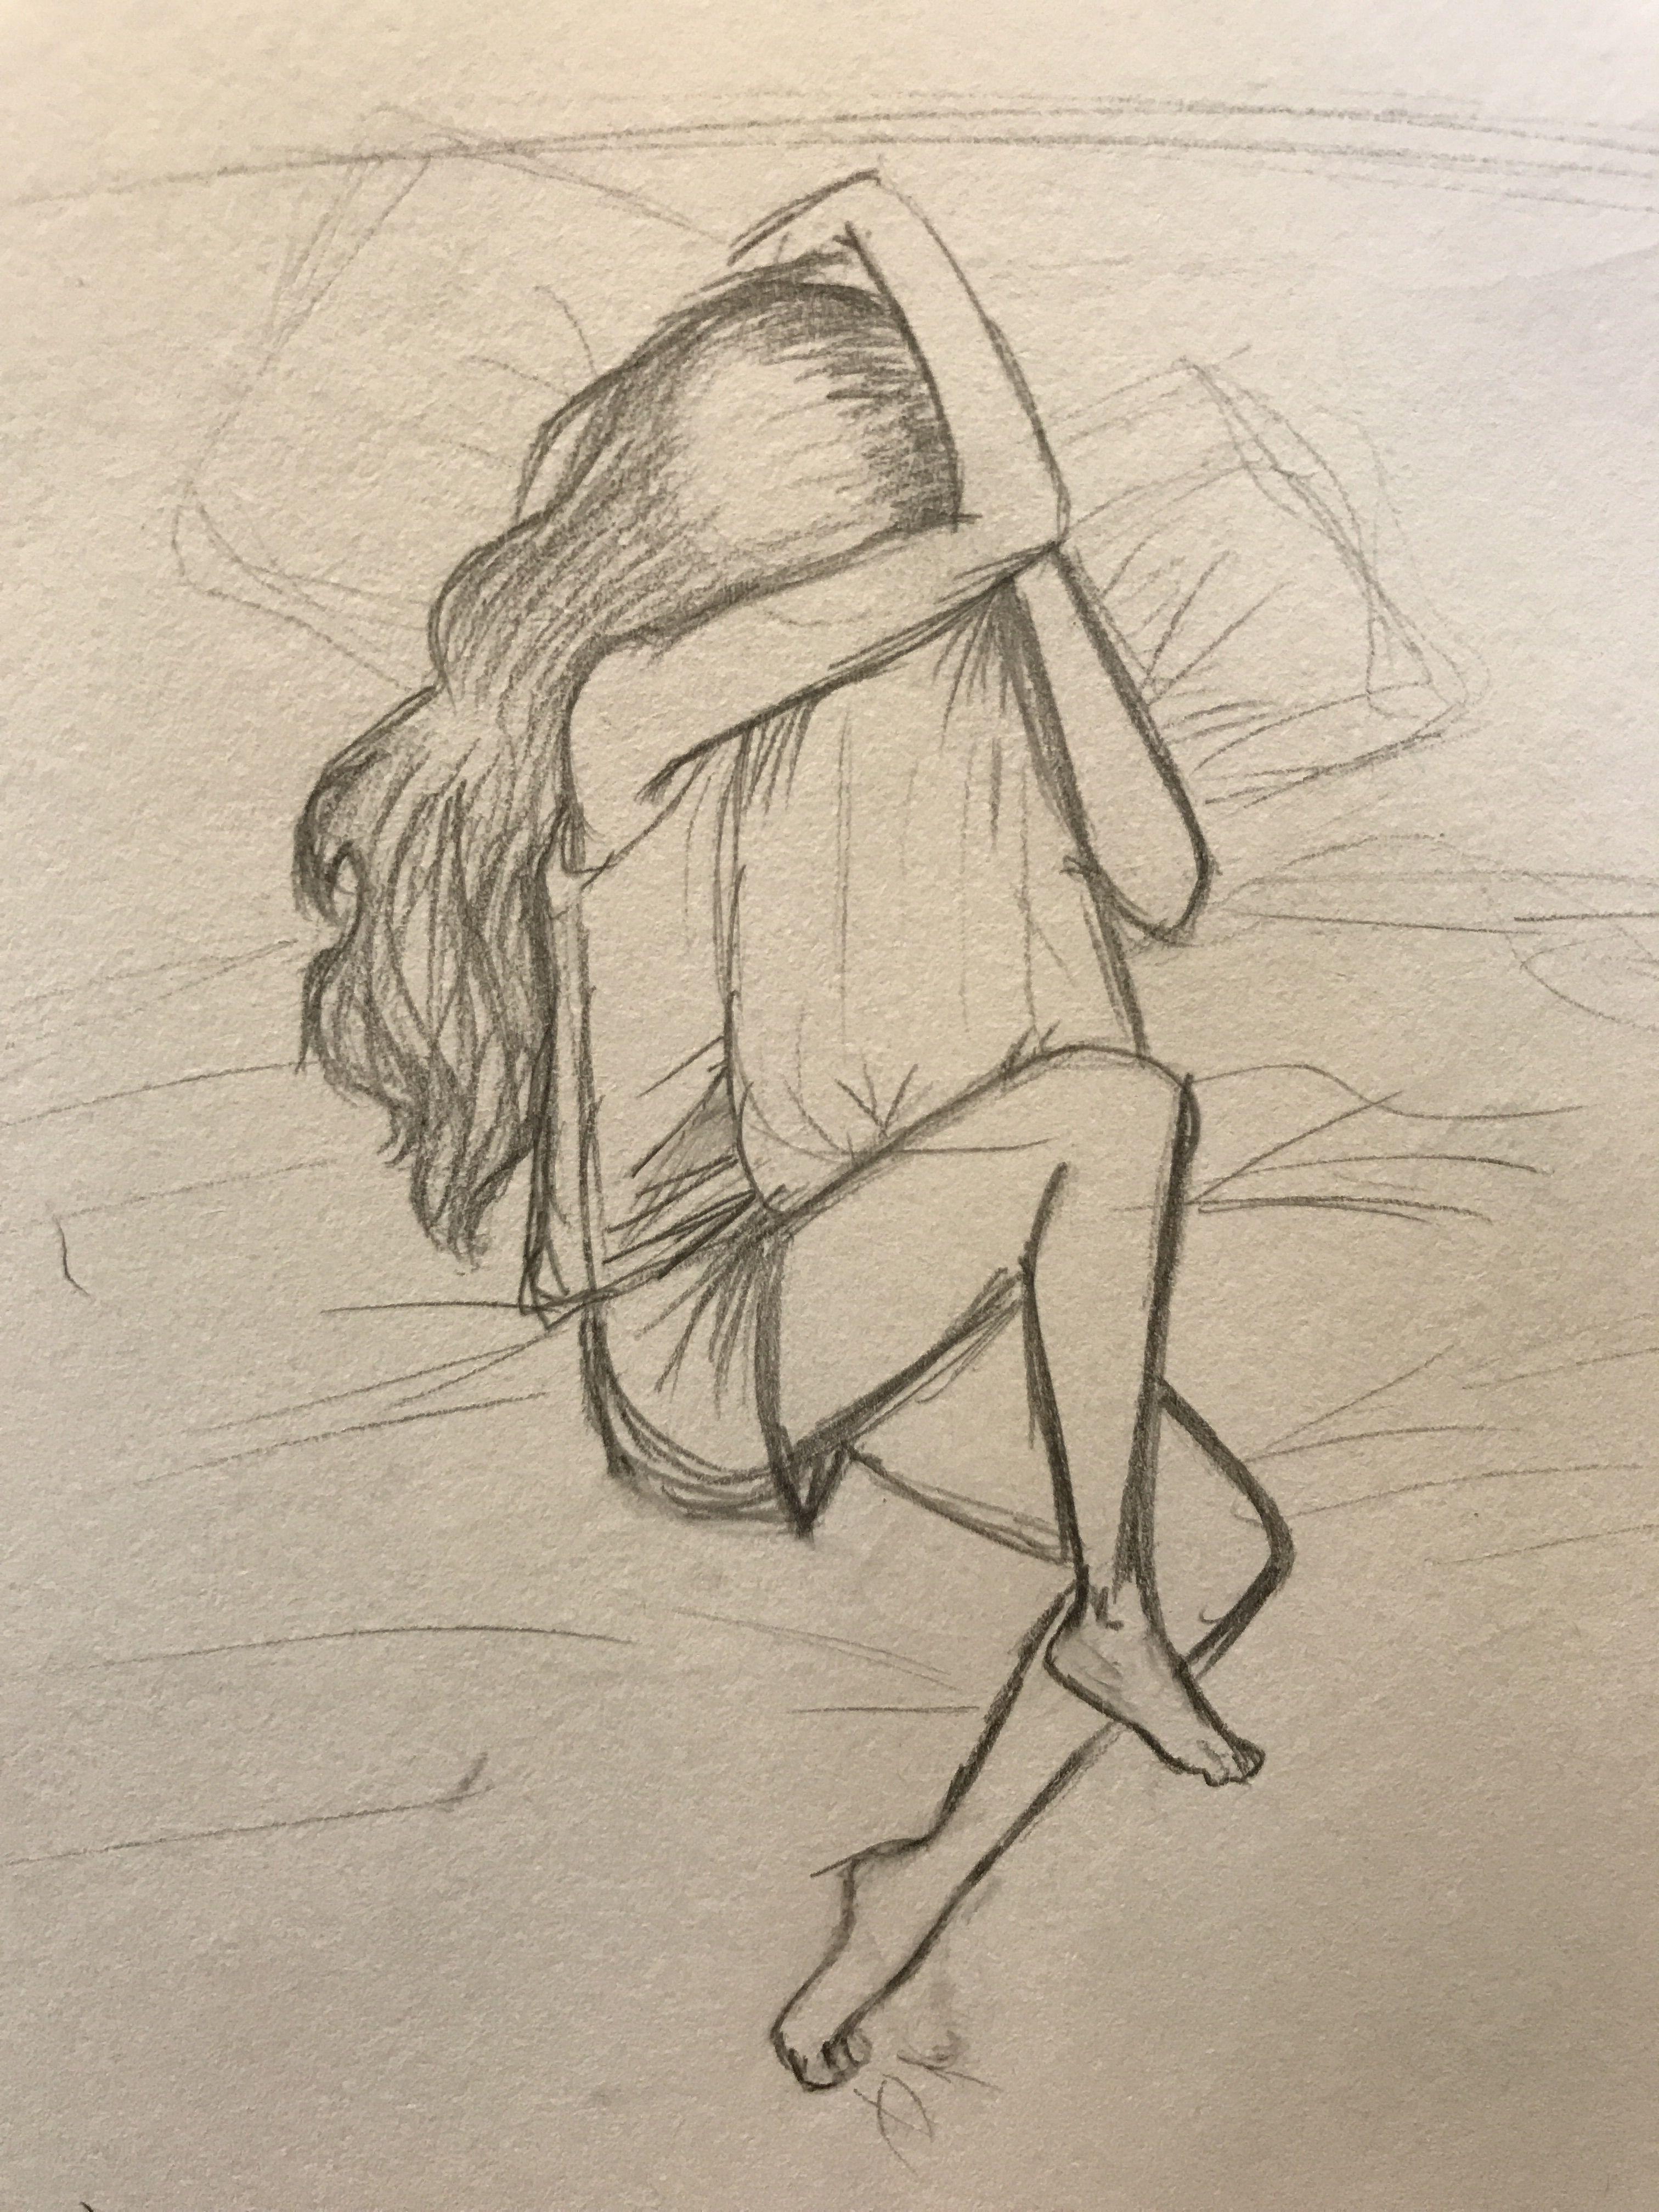 вот картинки простым карандашом простые грустные вашему вниманию